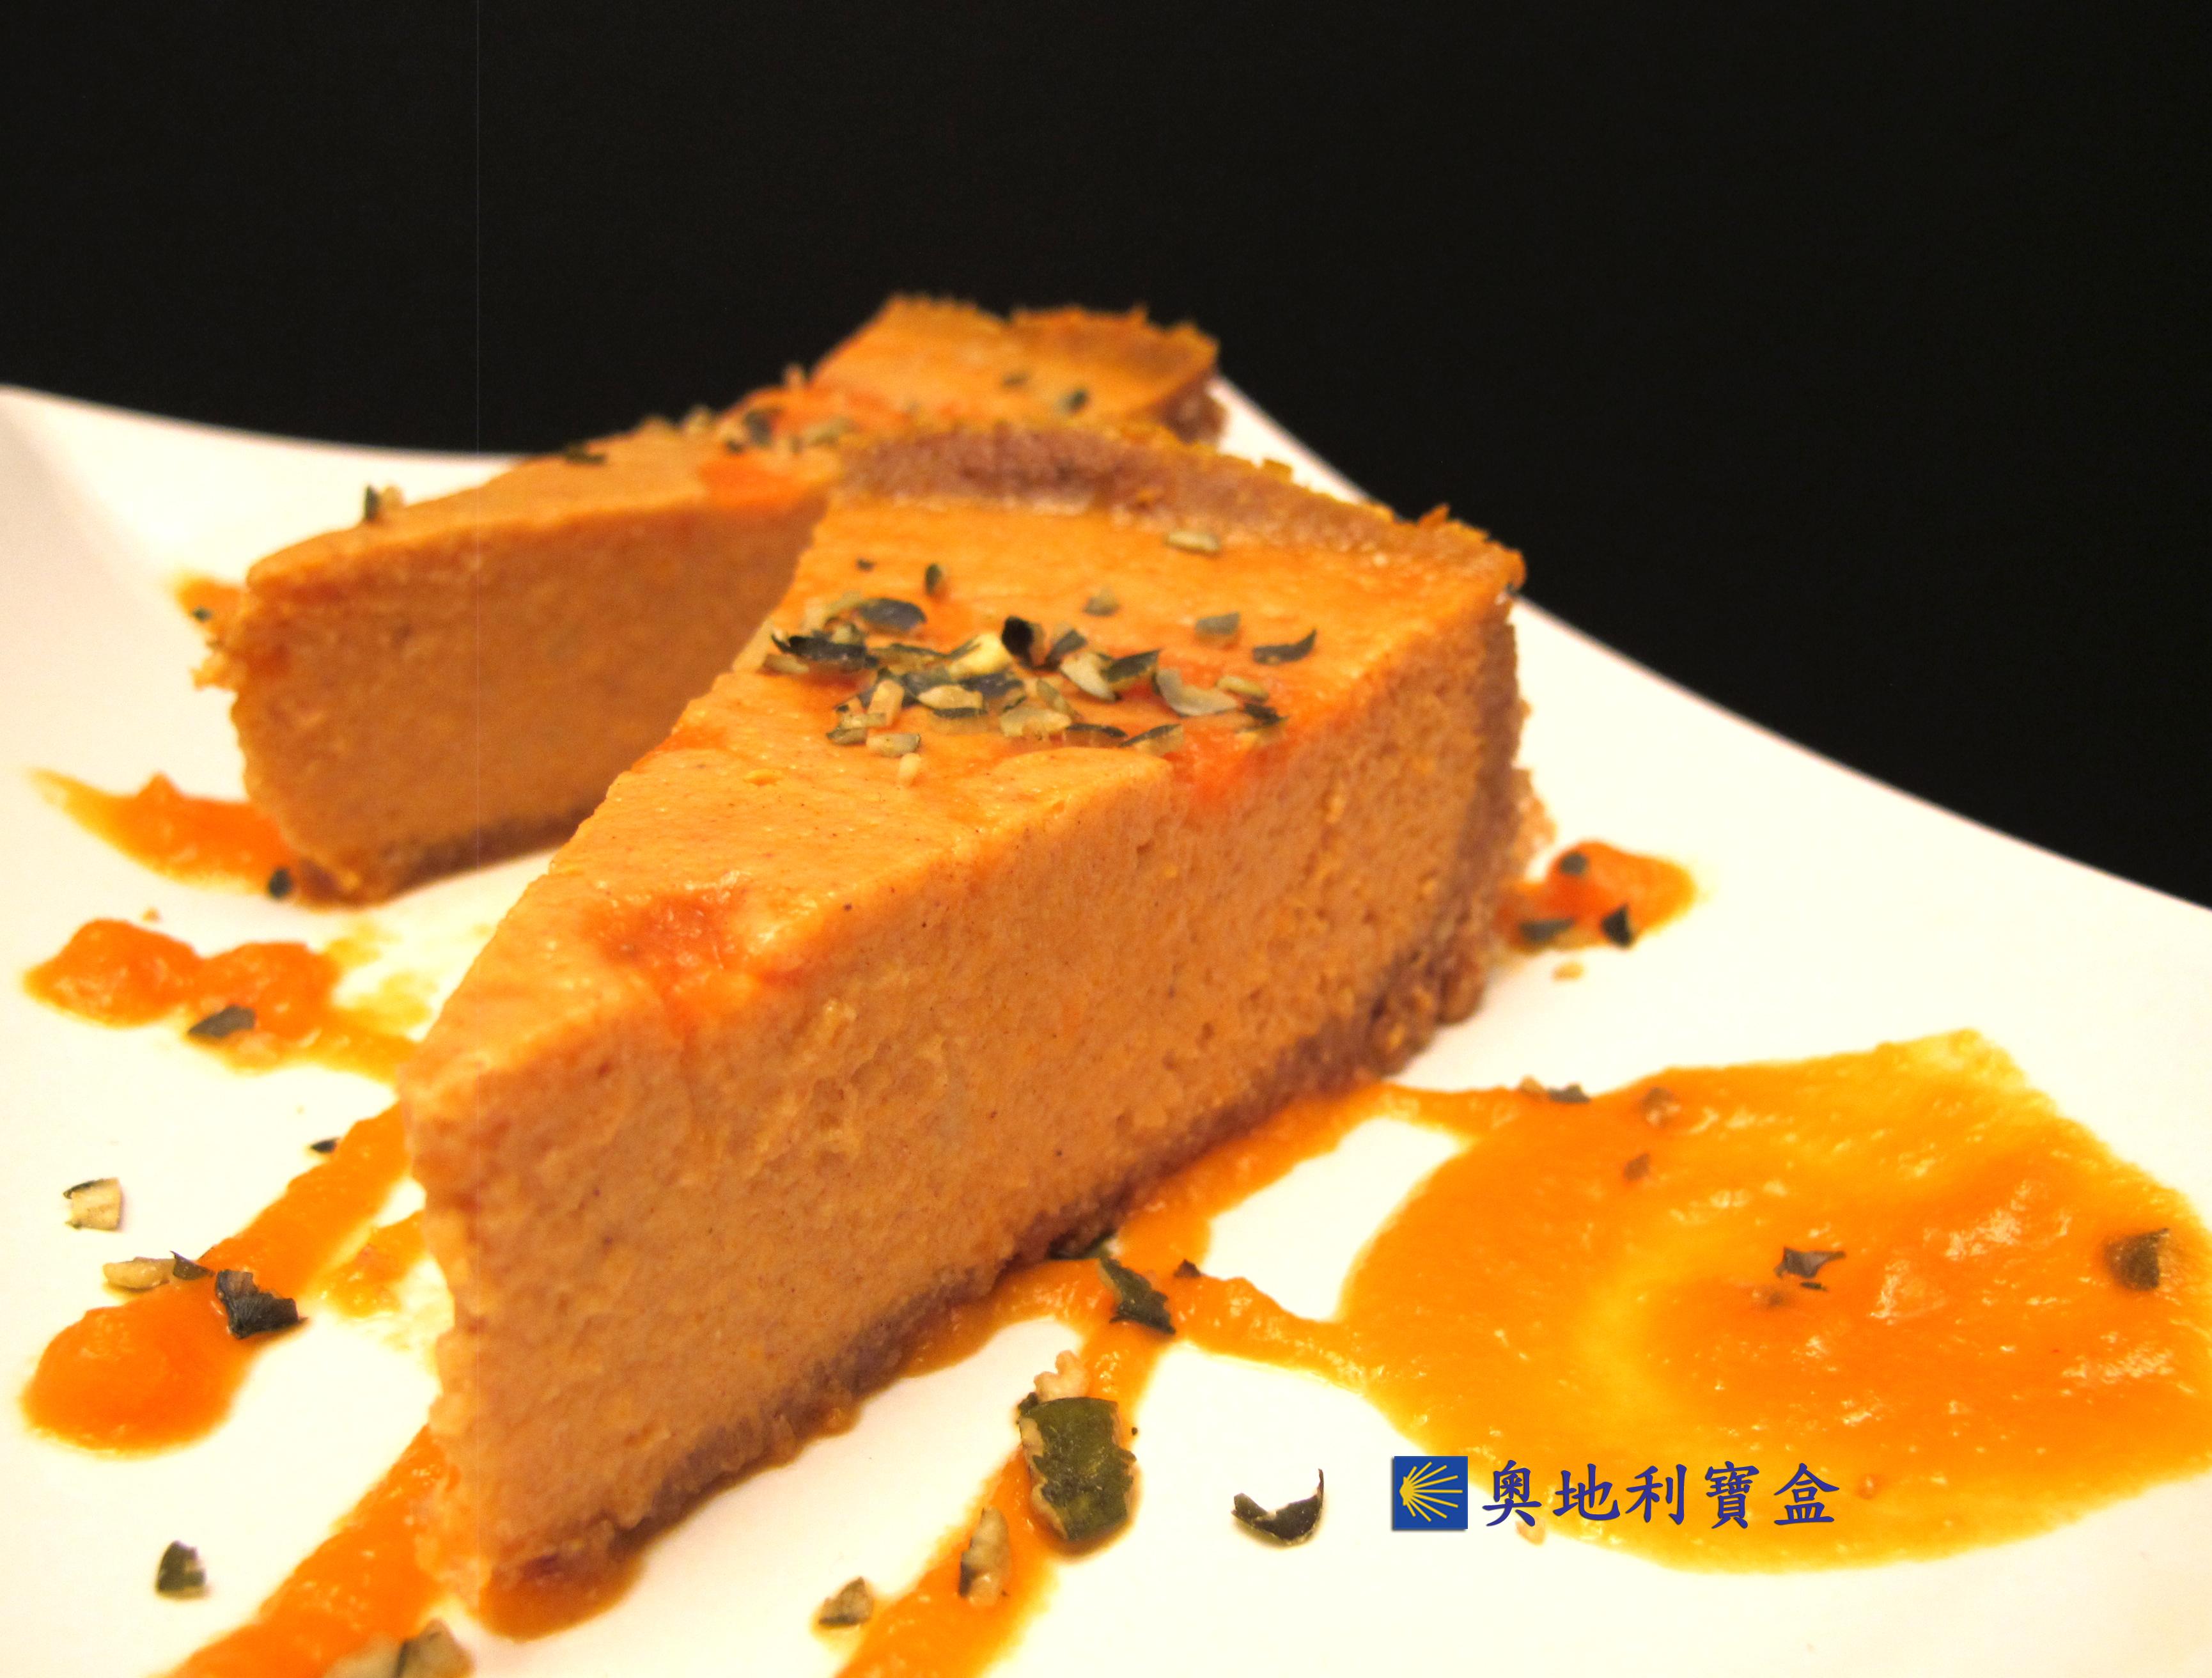 南瓜乳酪蛋糕-紐約風 *自製南瓜泥*